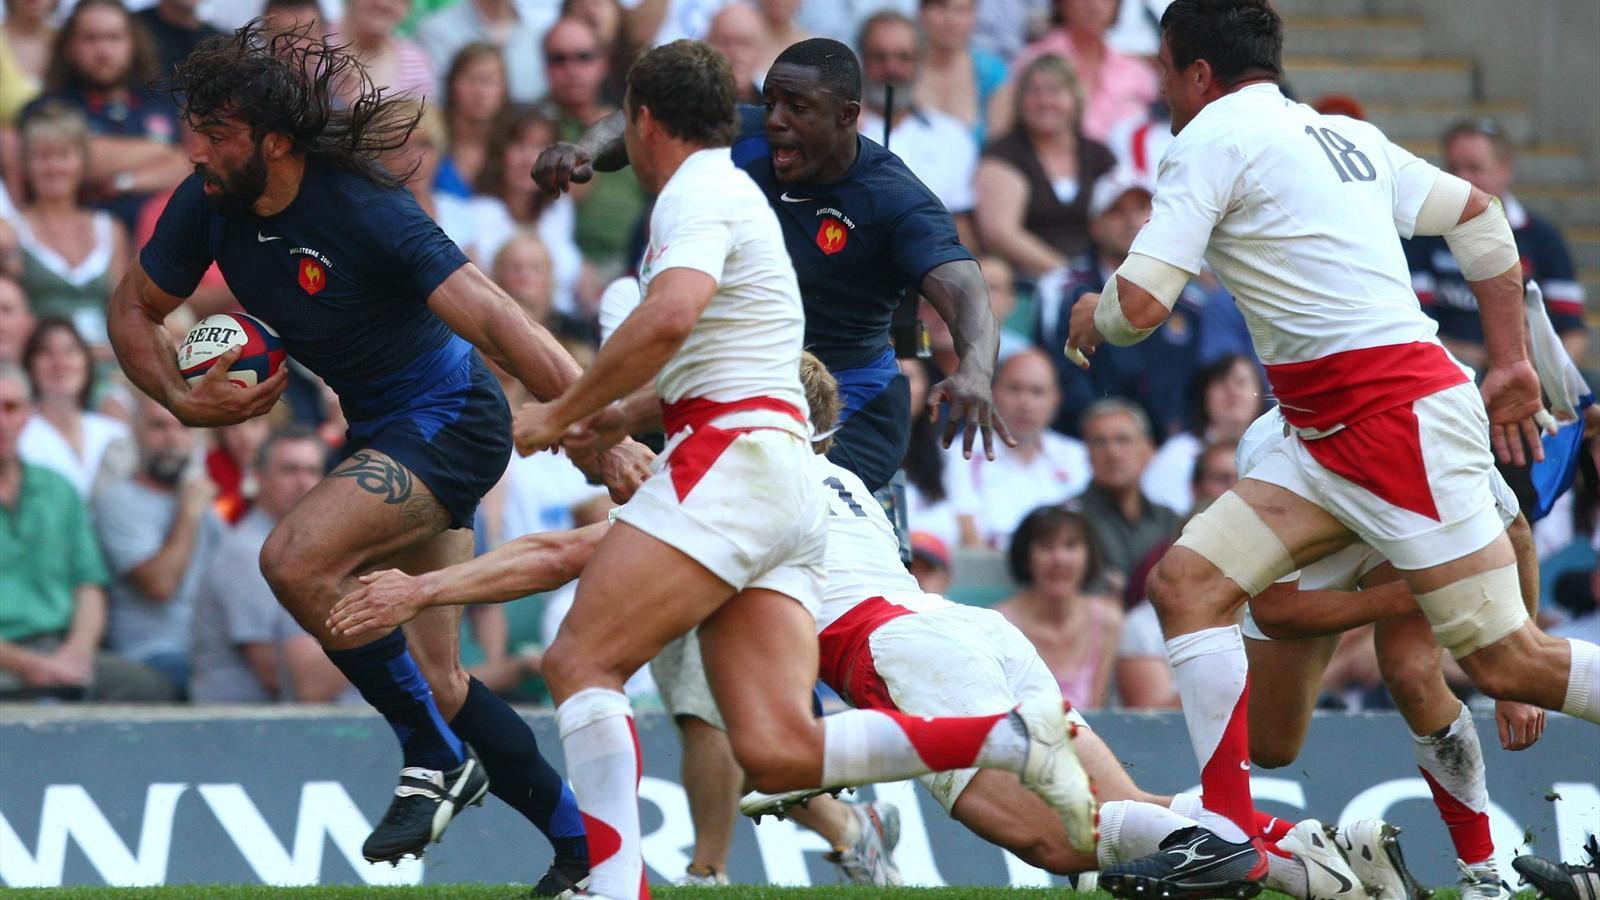 Sébastien Chabal avait inscit un essai pour la dernière victoire française à Twickenham. Yannick Nyanga était déjà là (11 août 2007)